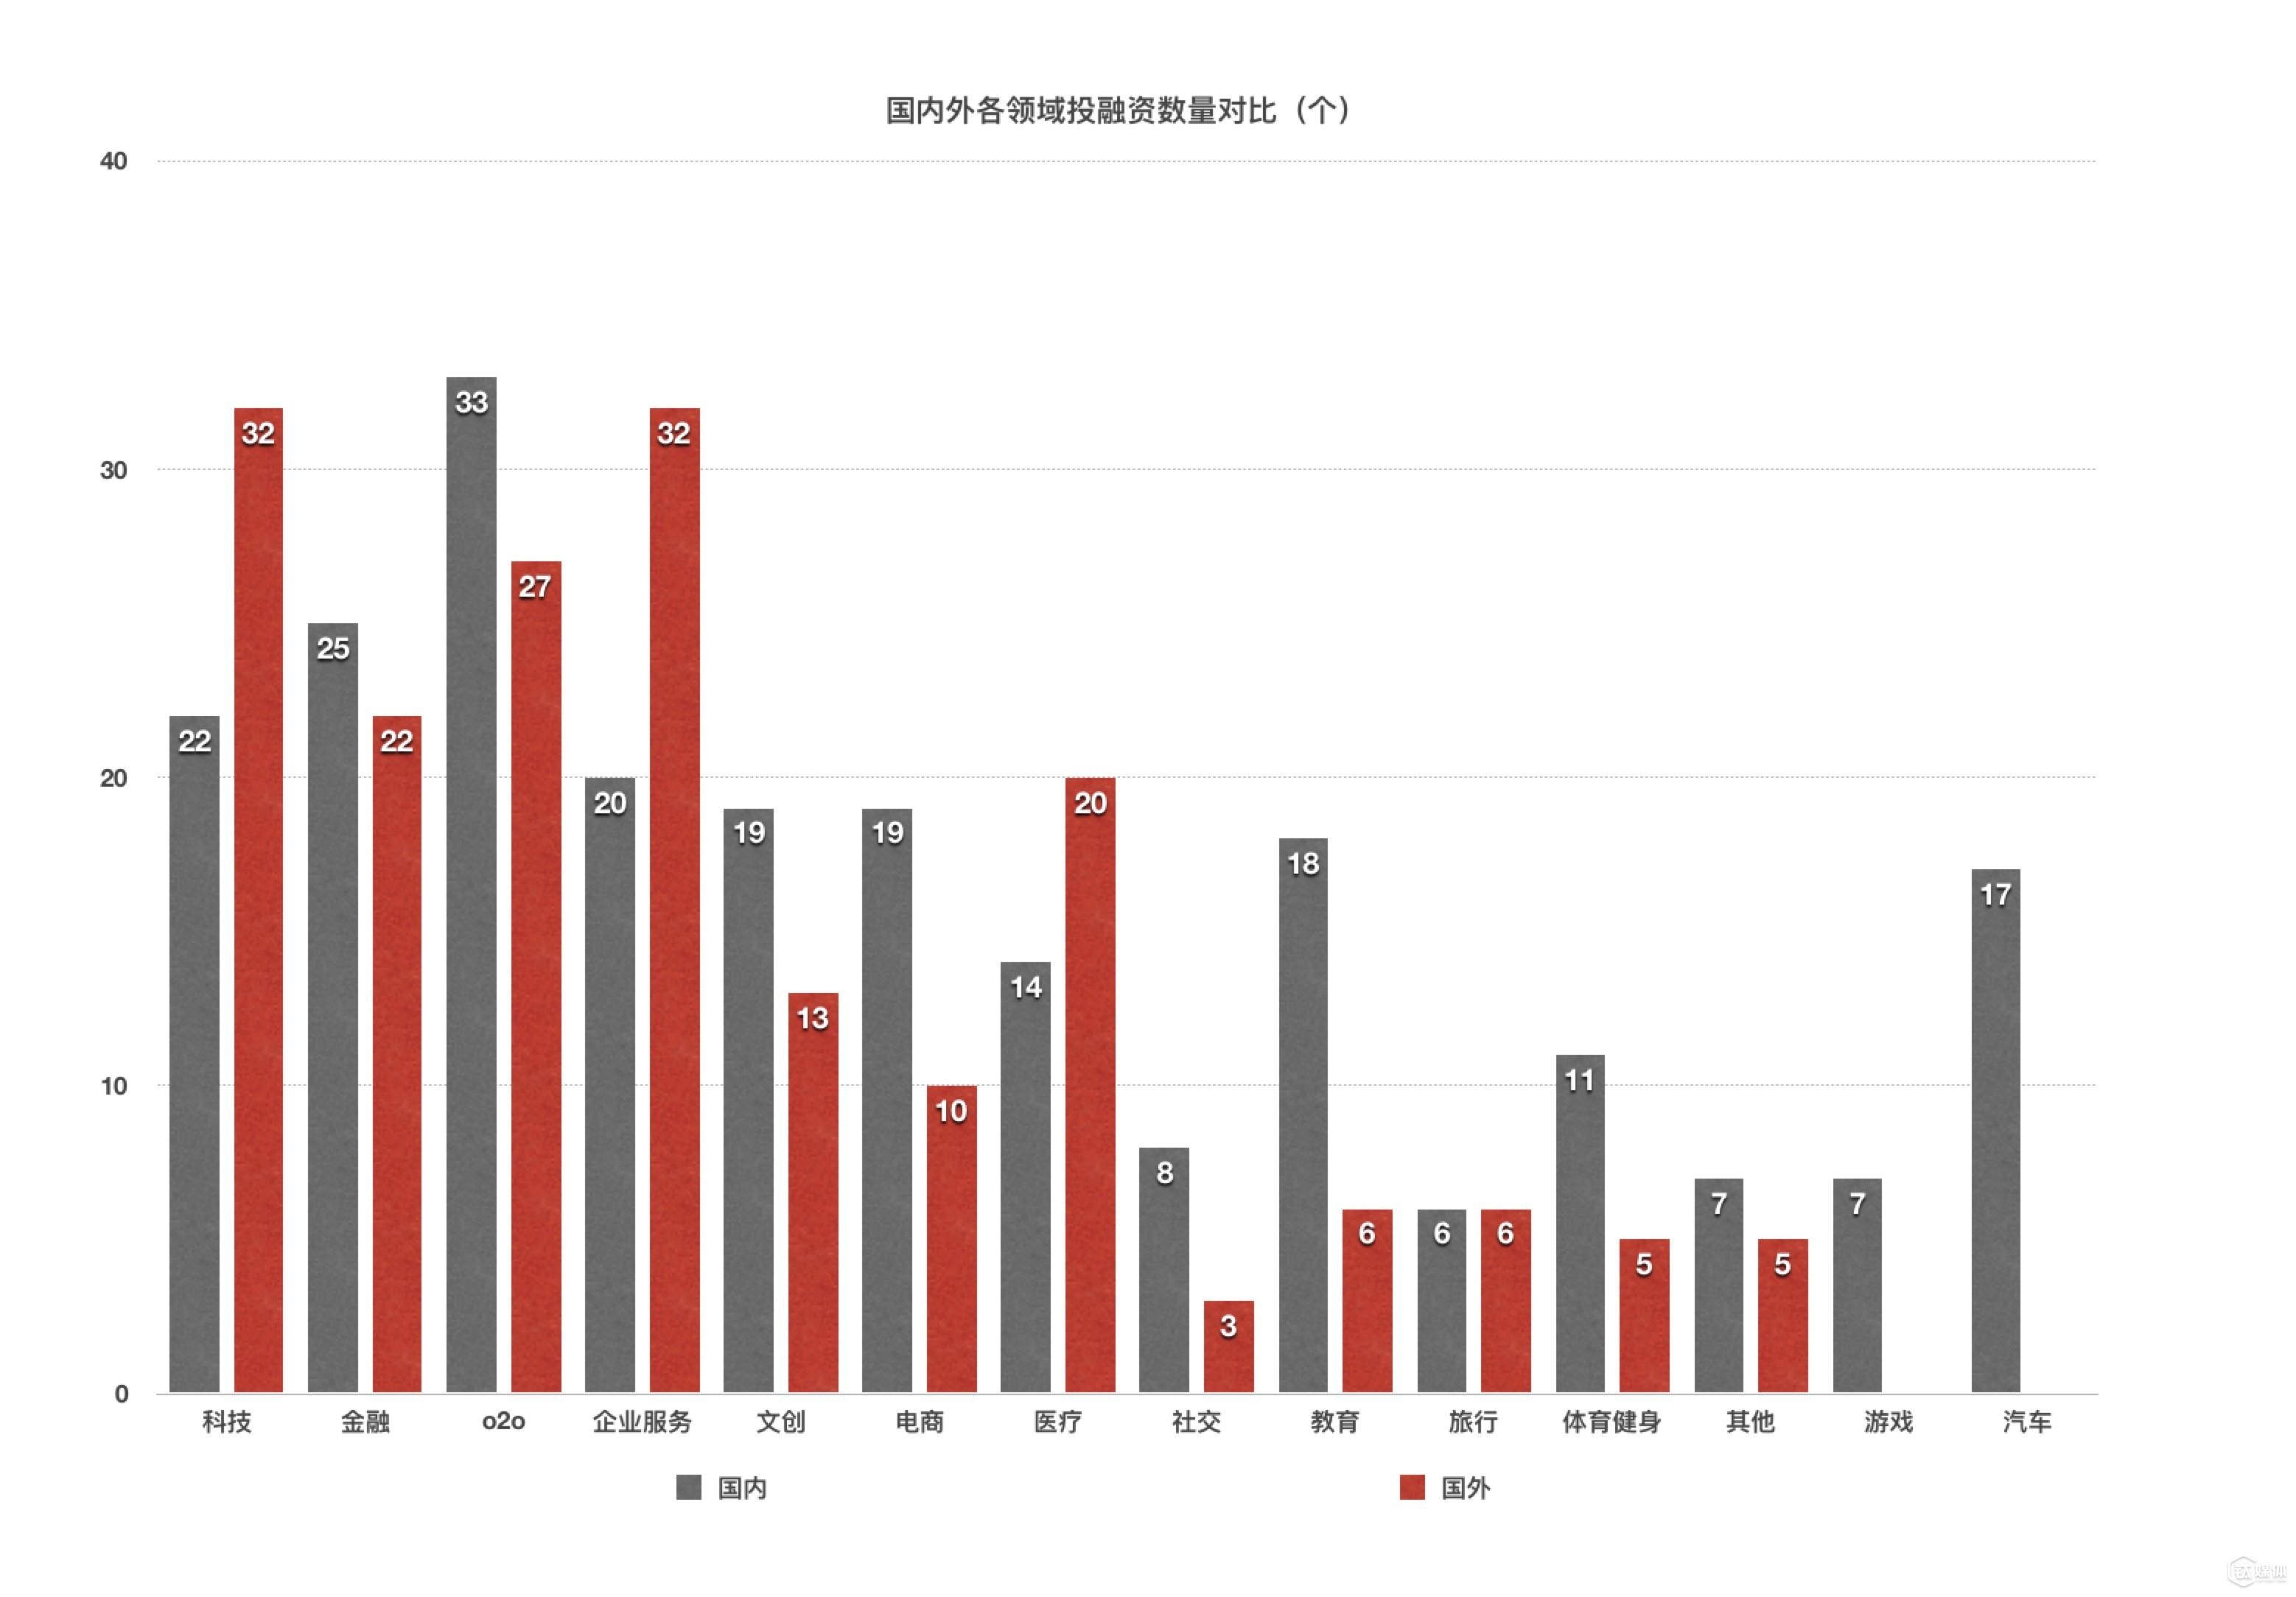 国内外总体投资情况对照表